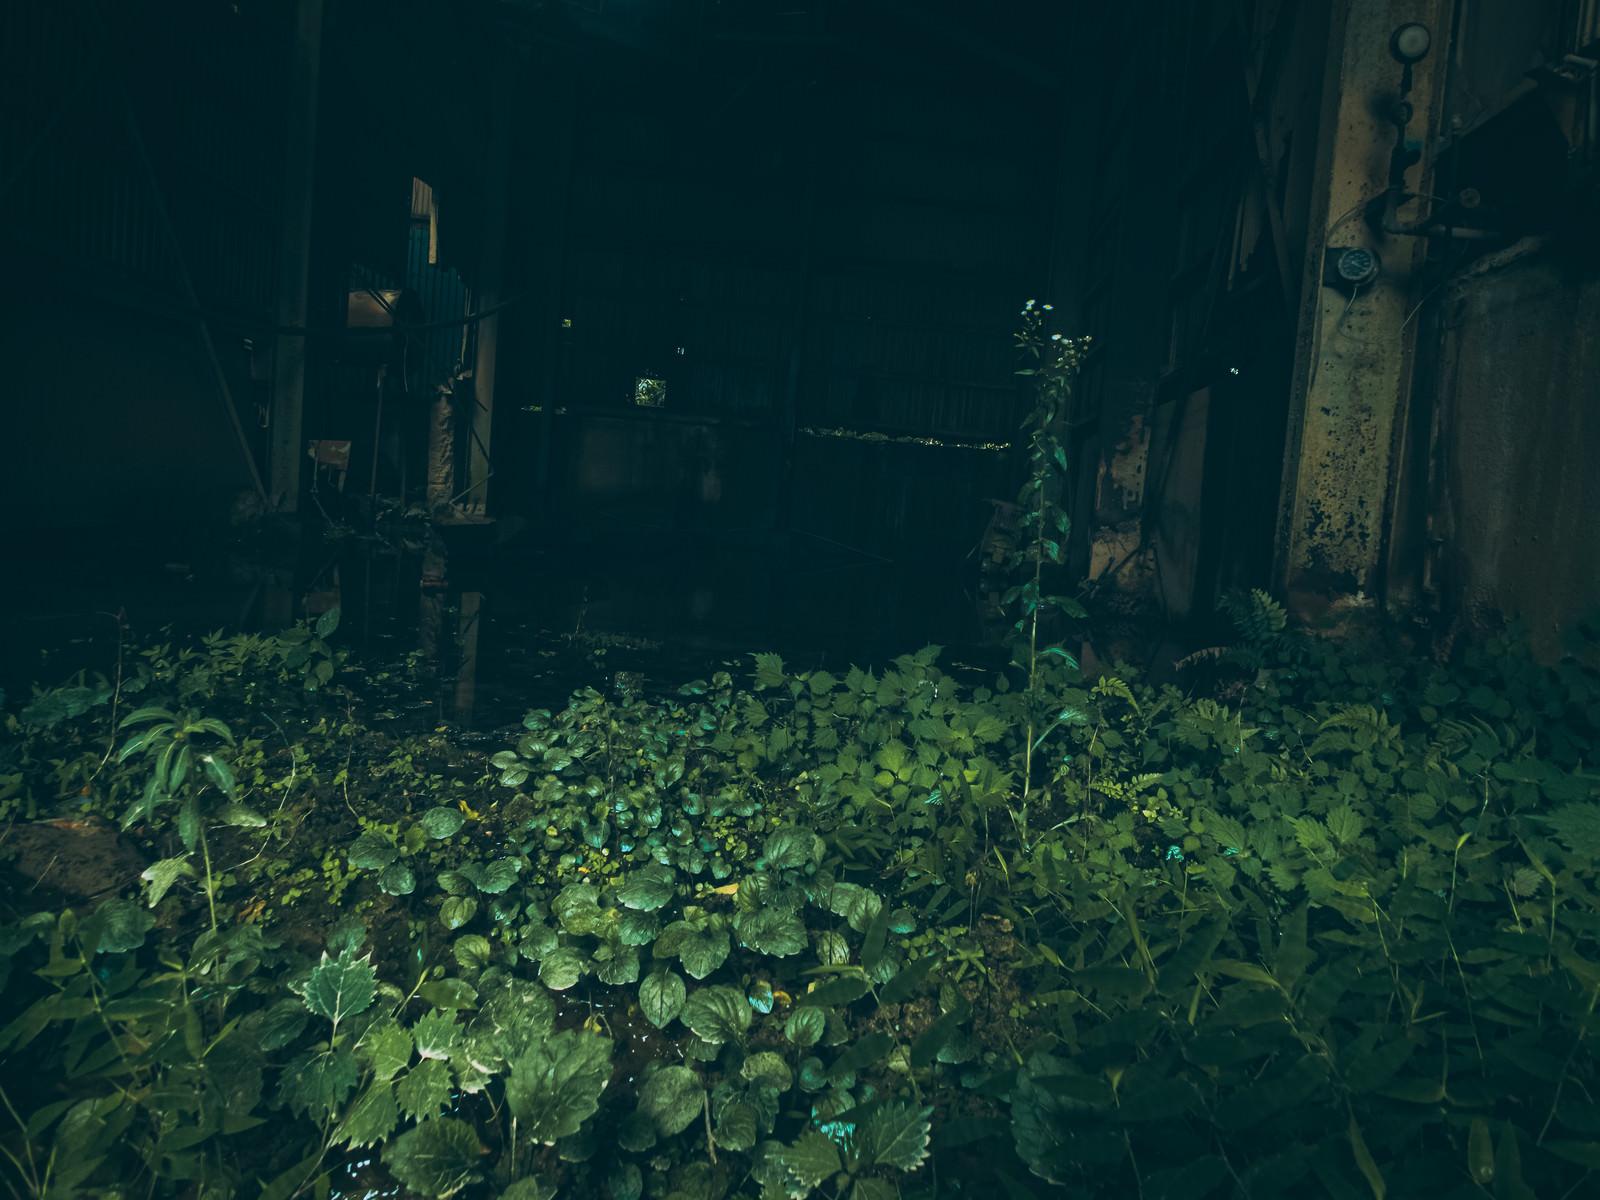 「薄暗い不気味な粘土工場跡」の写真